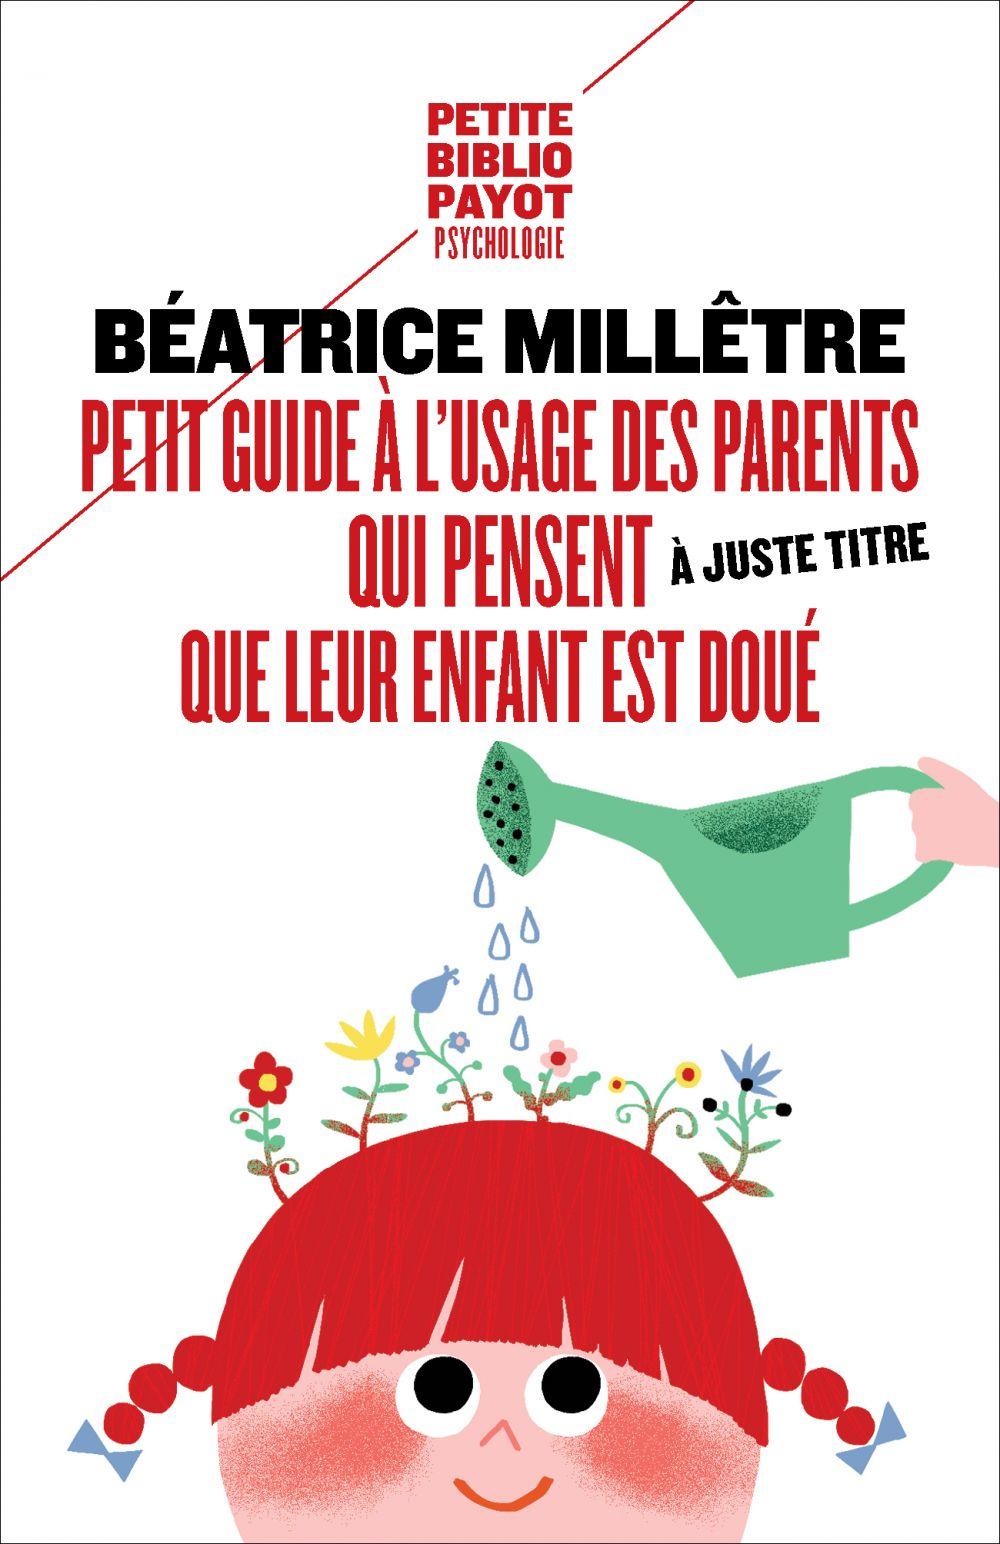 Petit guide à l'usage des parents qui trouvent à juste titre que leur enfant est doué |